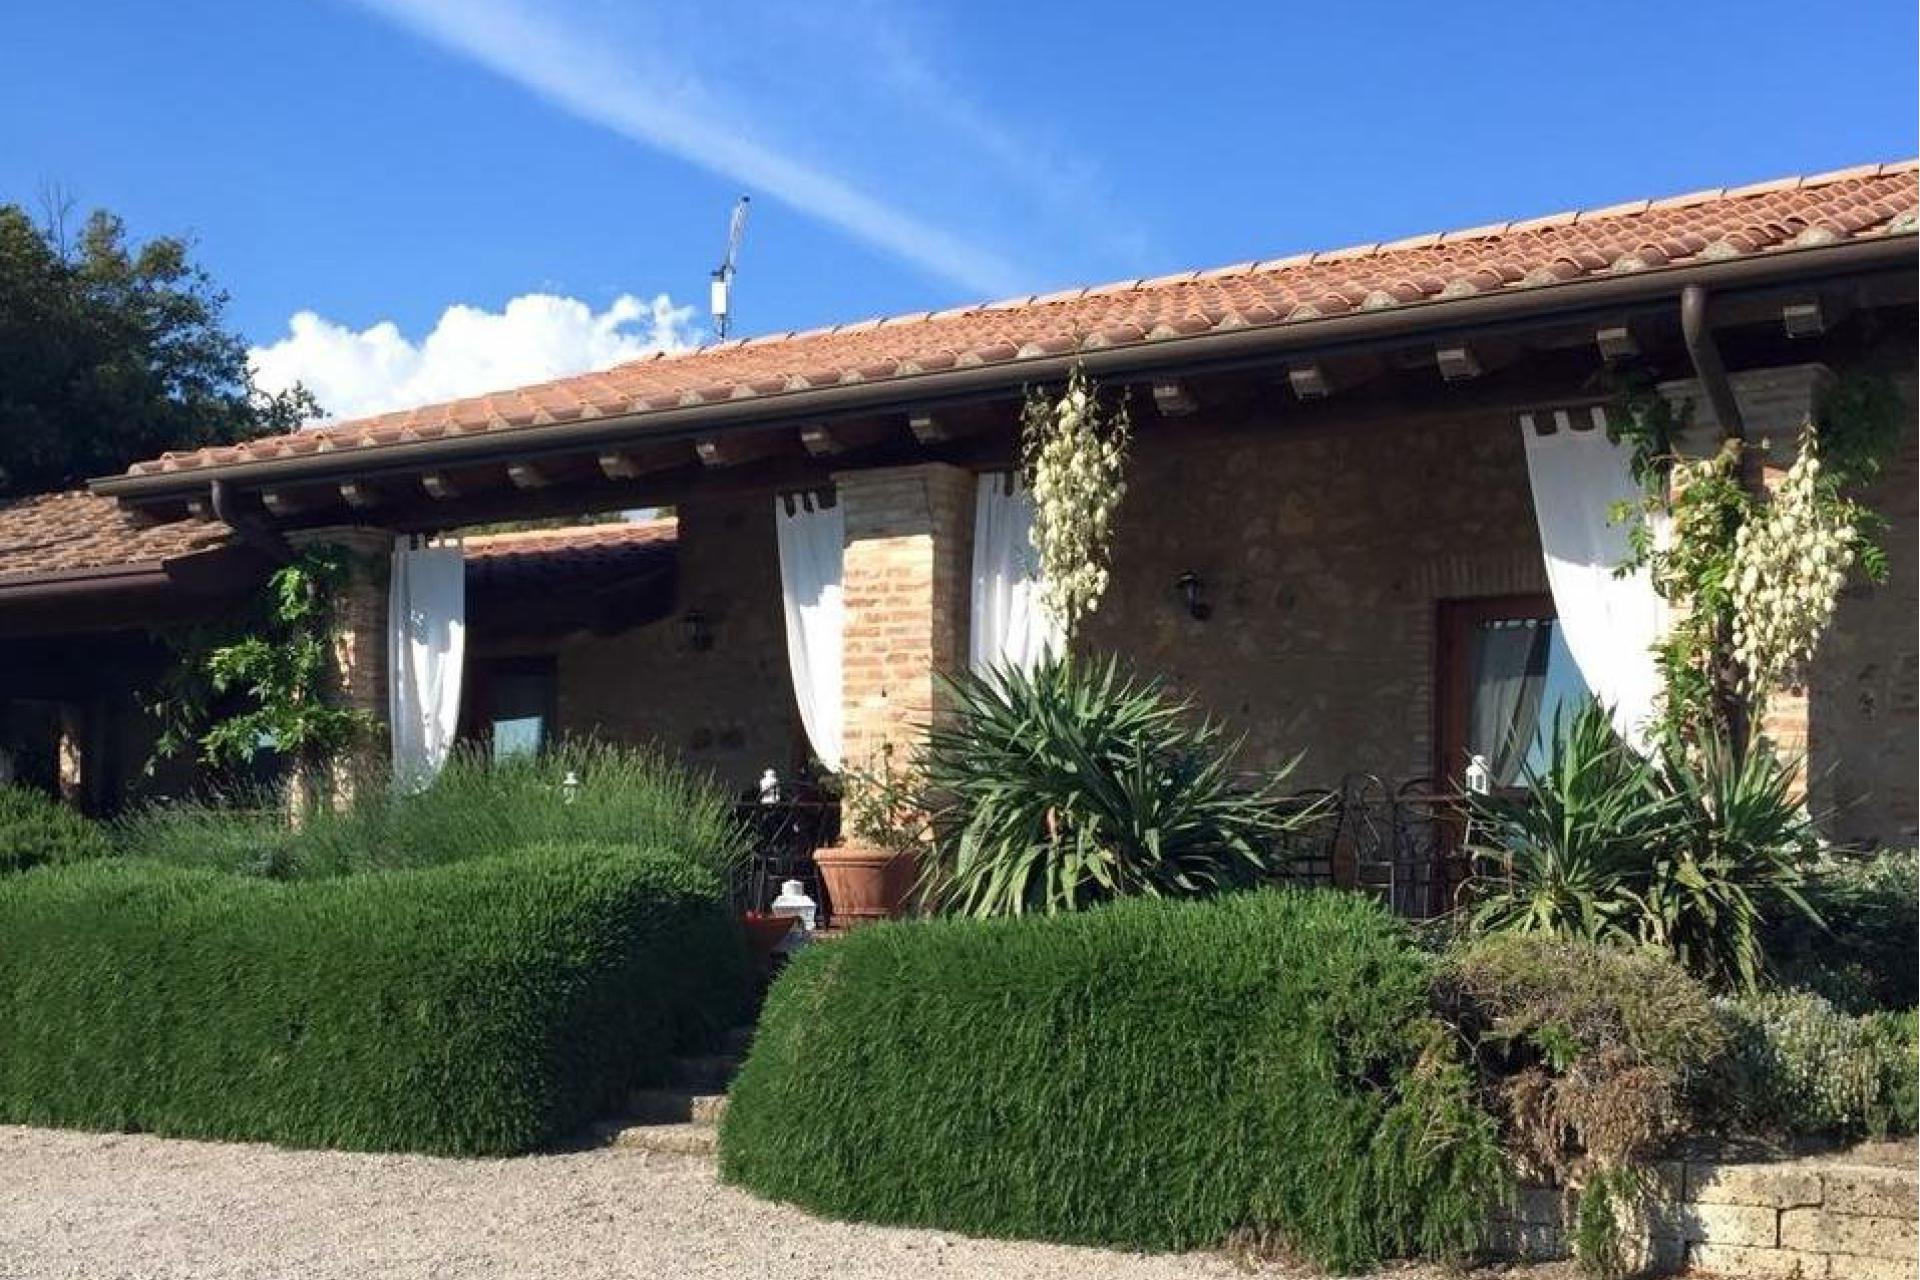 Agriturismo Toscane Biologsiche vakantie-boerderij in Toscane